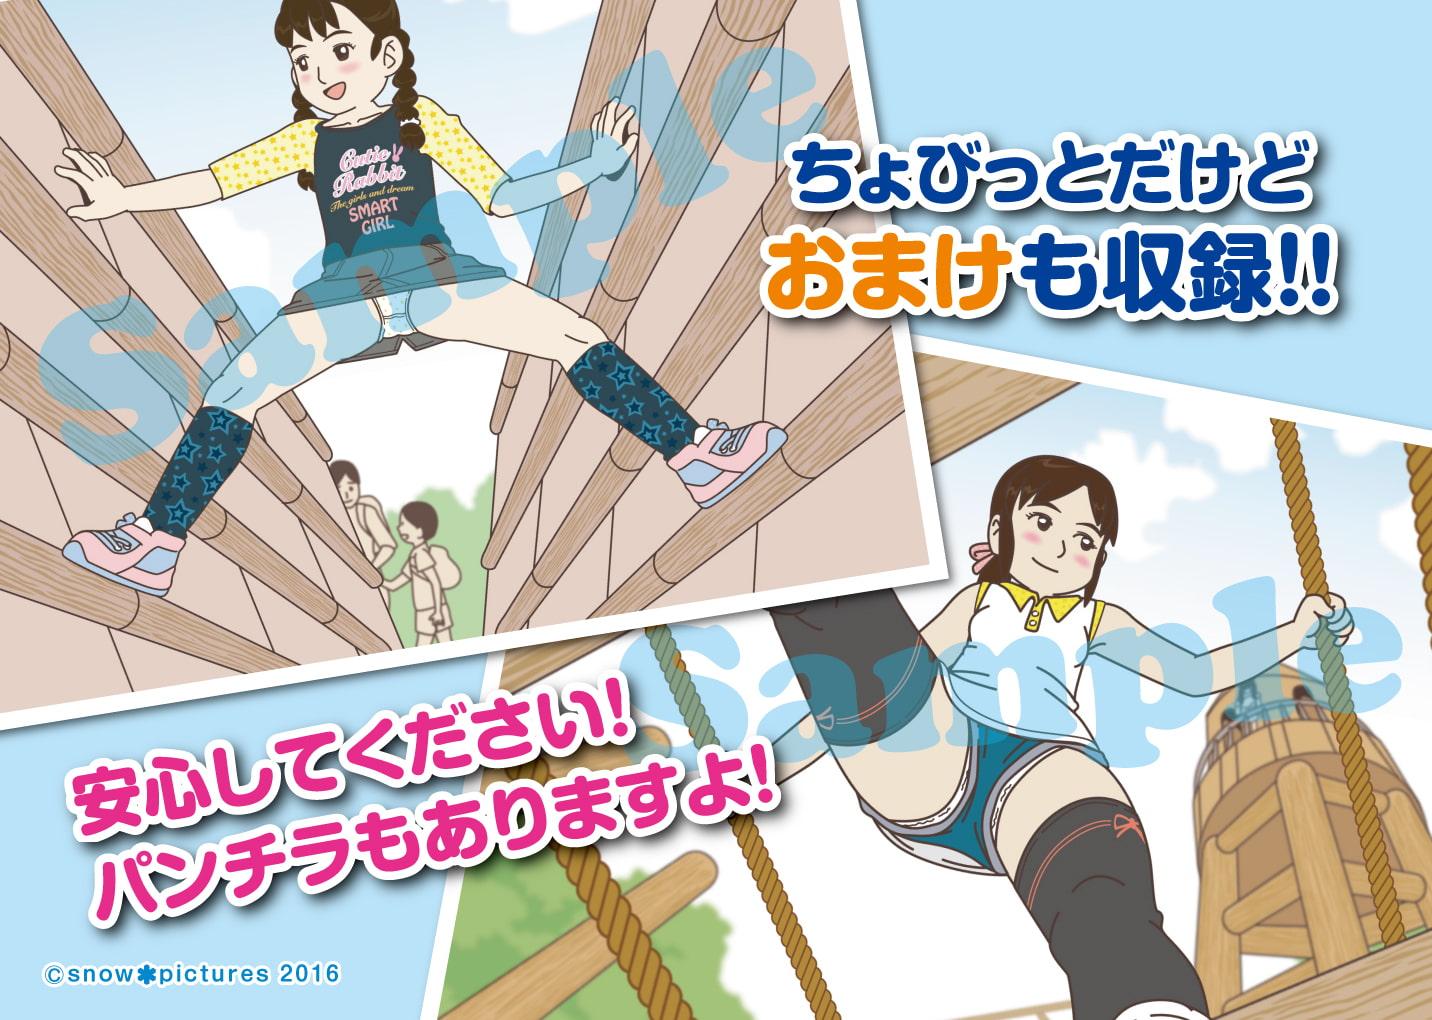 ノーパンあすれちっく 〜アンナとカンナの秘密のスナップ集〜